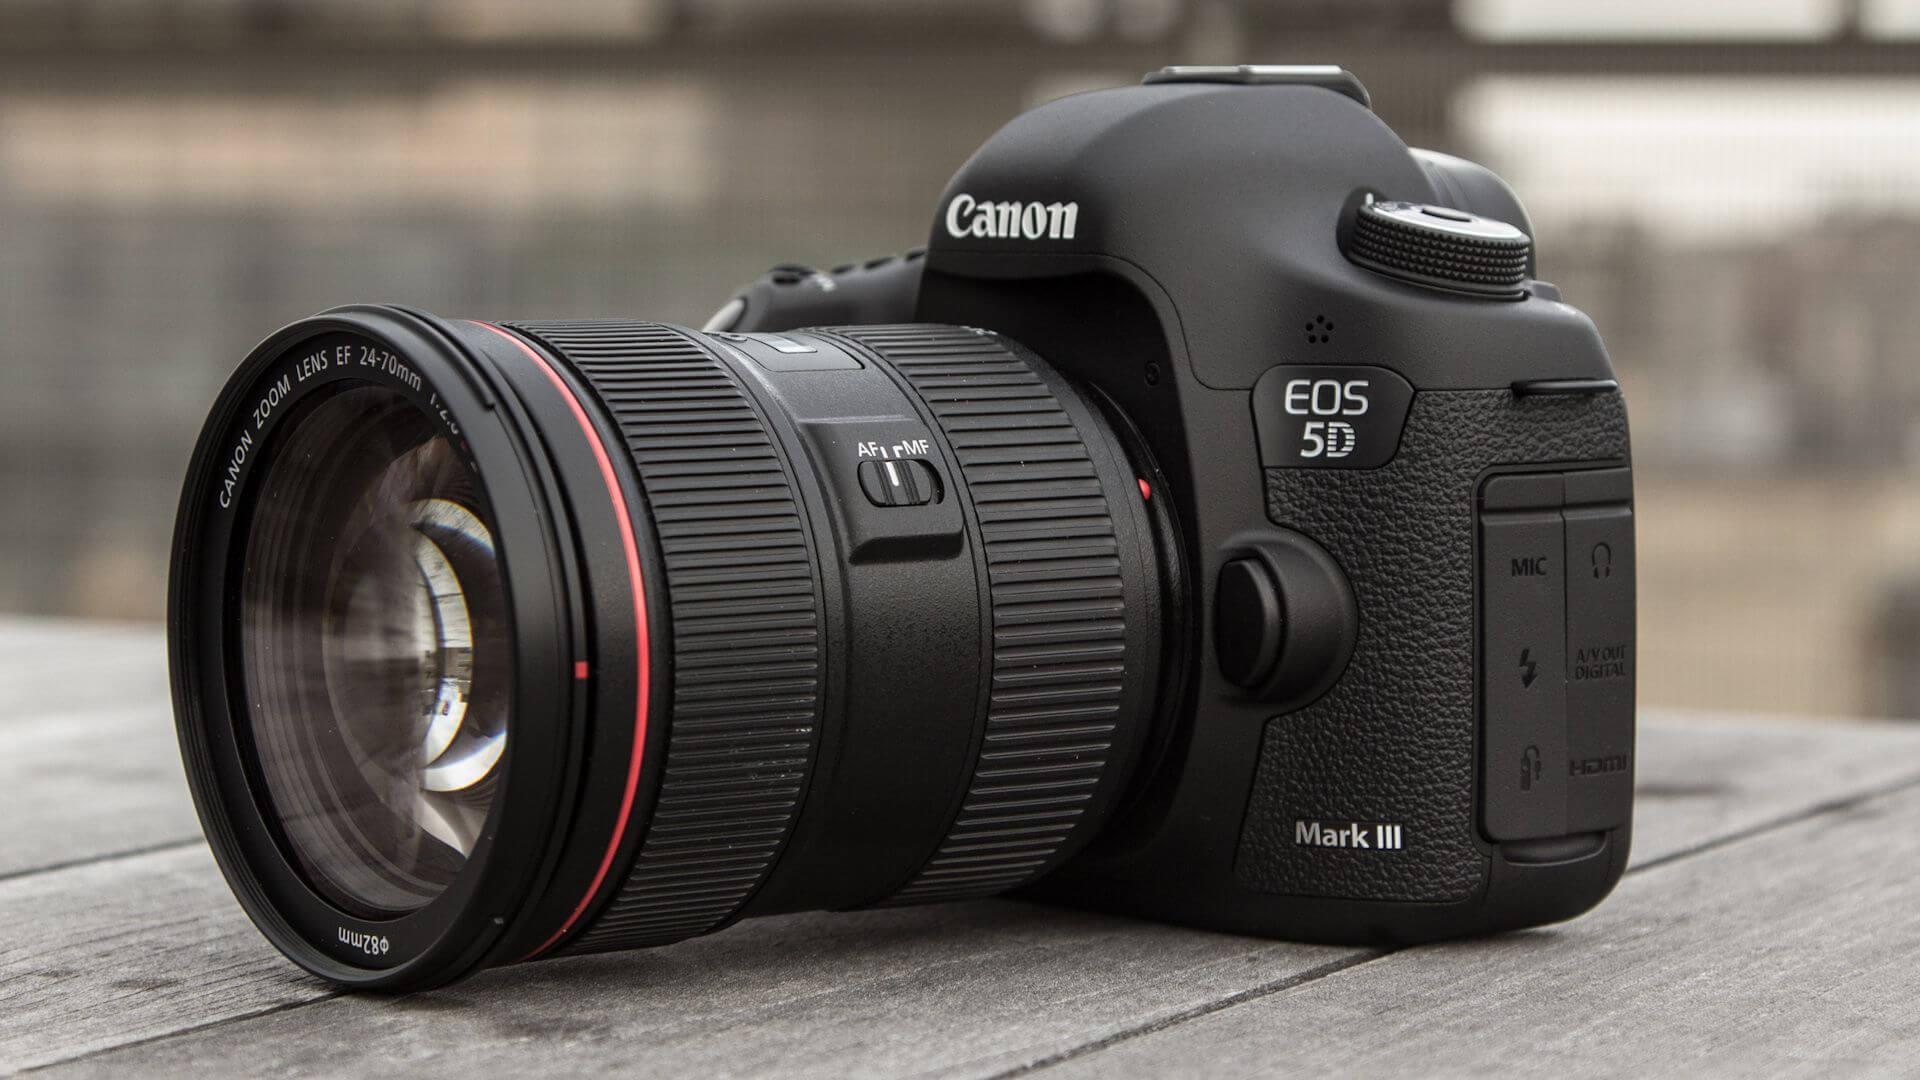 Canon EOS 5D Mark III Output